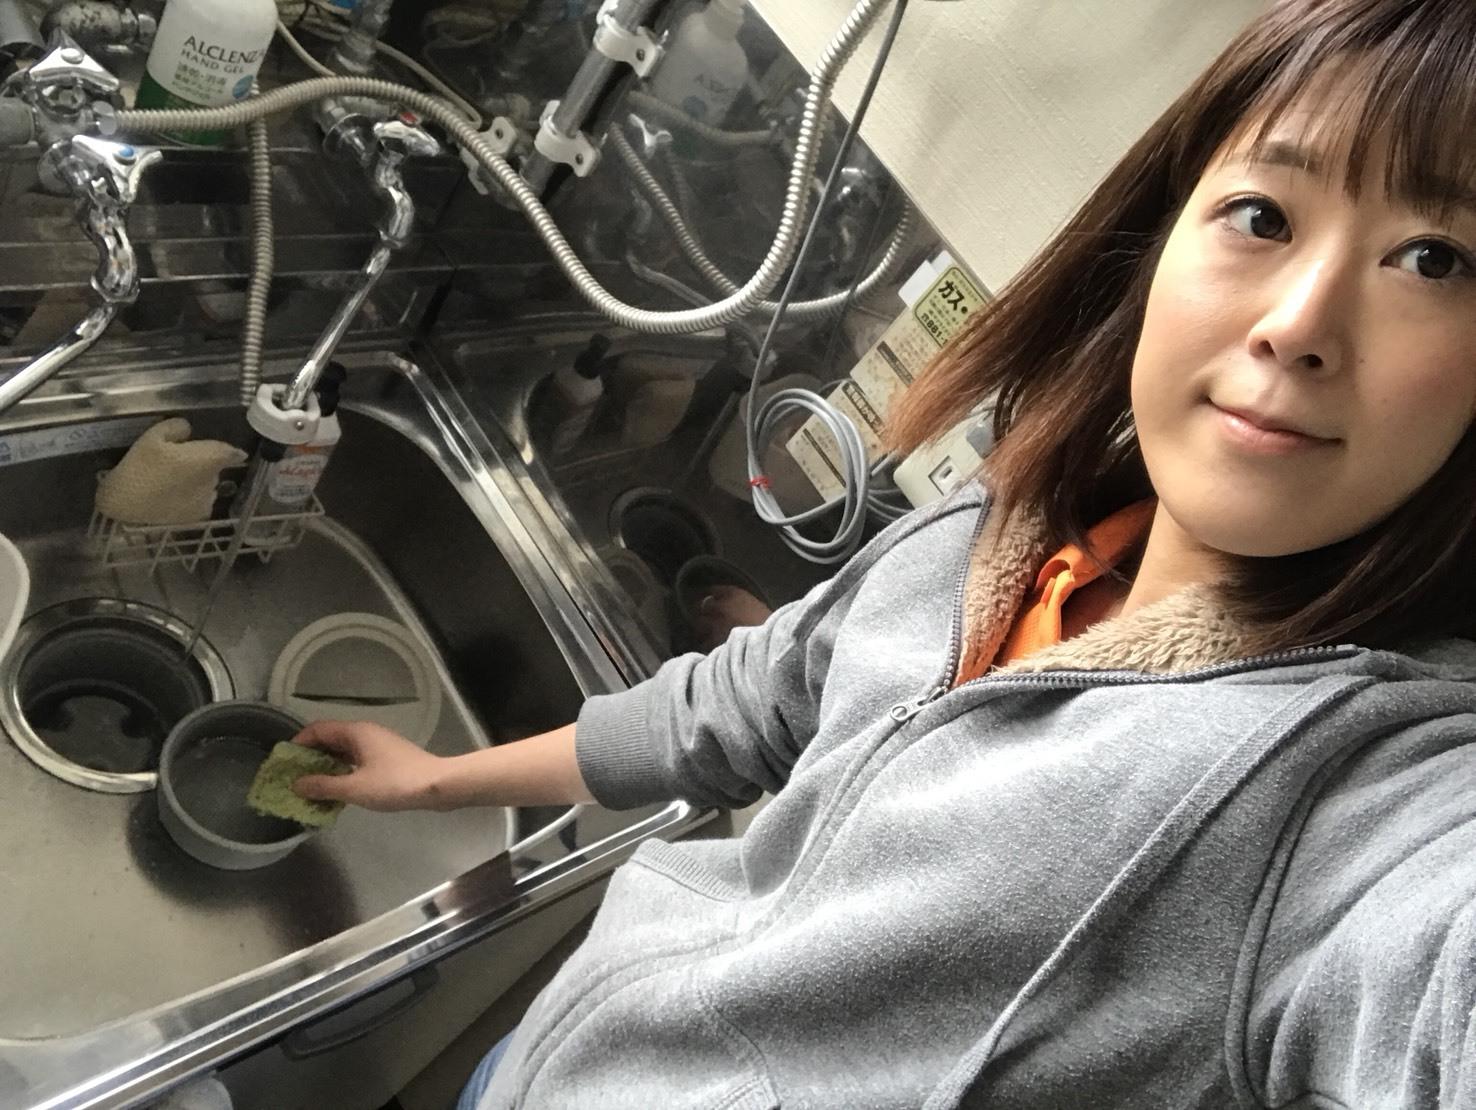 4月12日(木)トミーベース カスタムブログ☆パナメーラ、オーディオカスタム中☆ビックモニターの取り付けはお任せ下さい☆ _b0127002_11001041.jpg